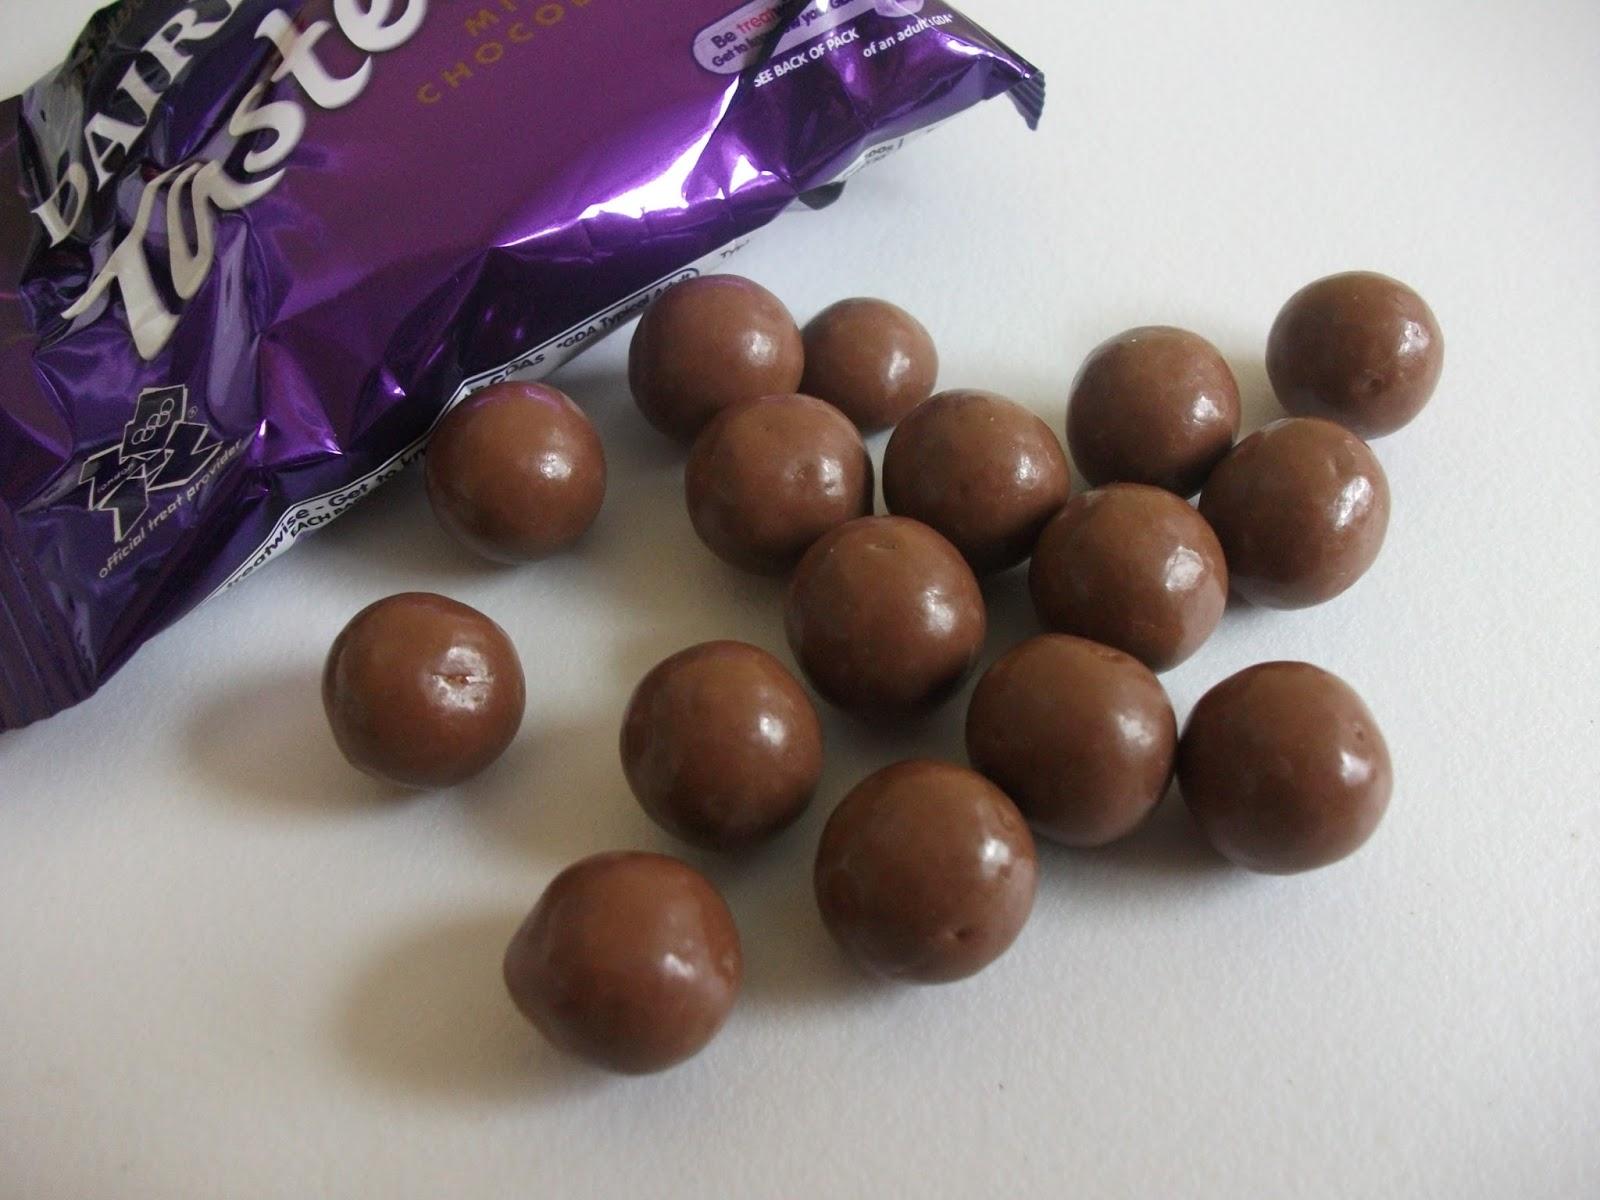 Cadbury Dark Chocolate How Many Calories